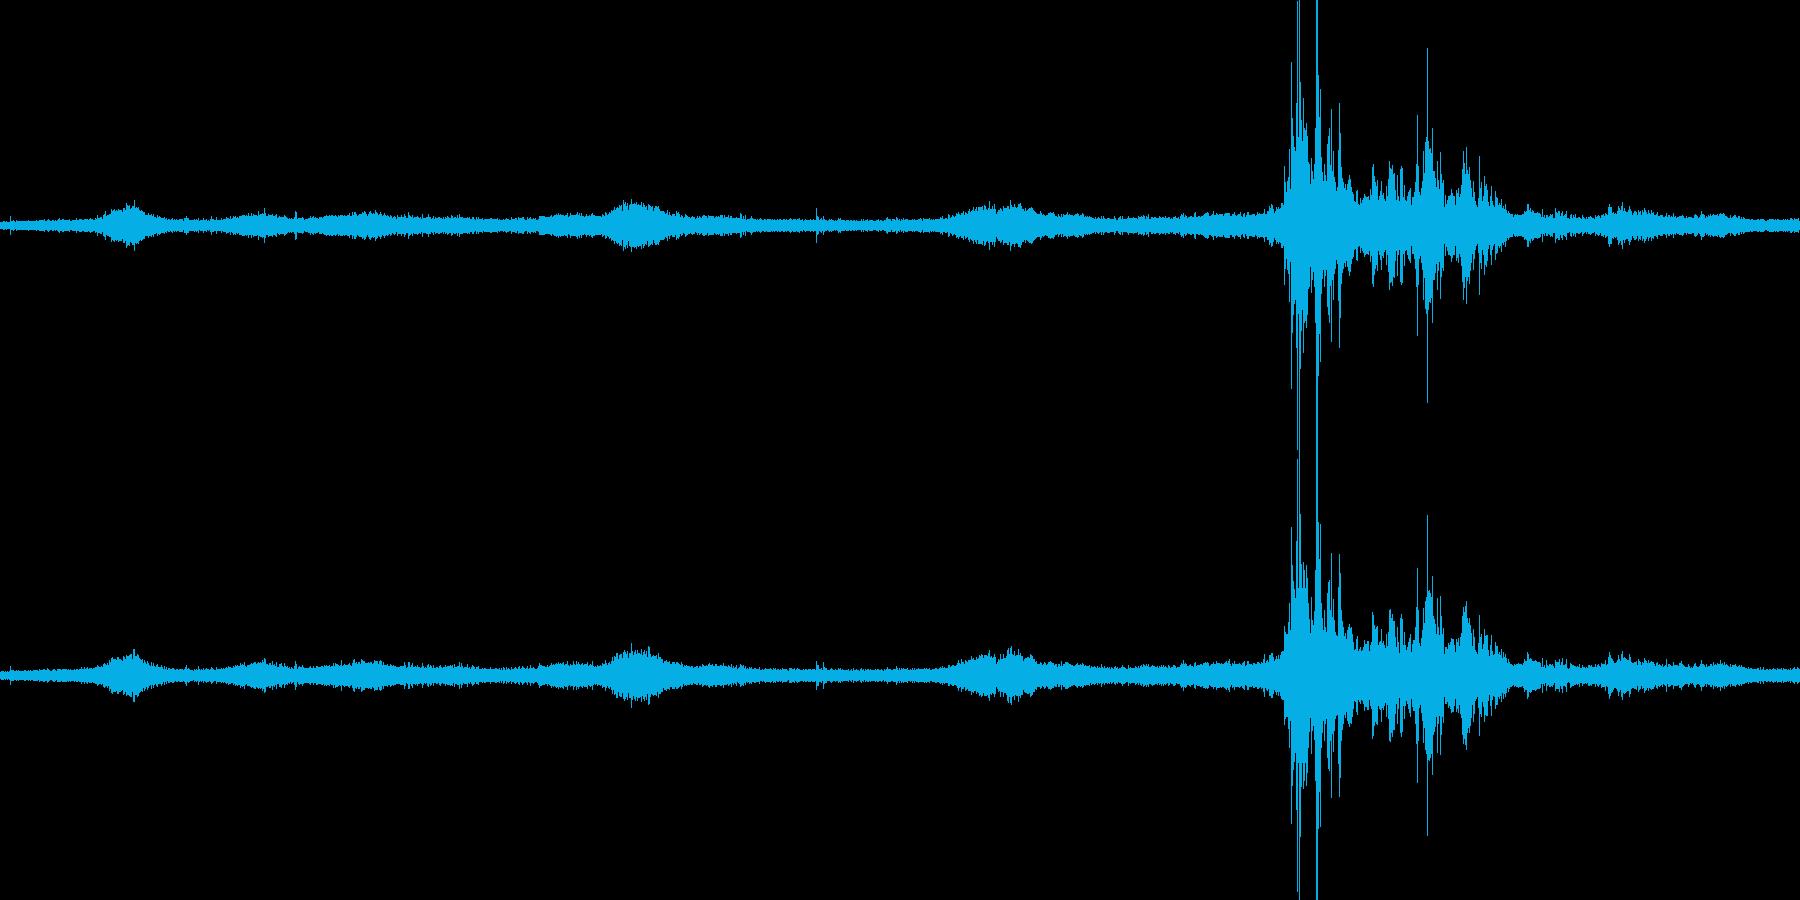 【生音】雷雨15 - 雨と雷と通行音の再生済みの波形